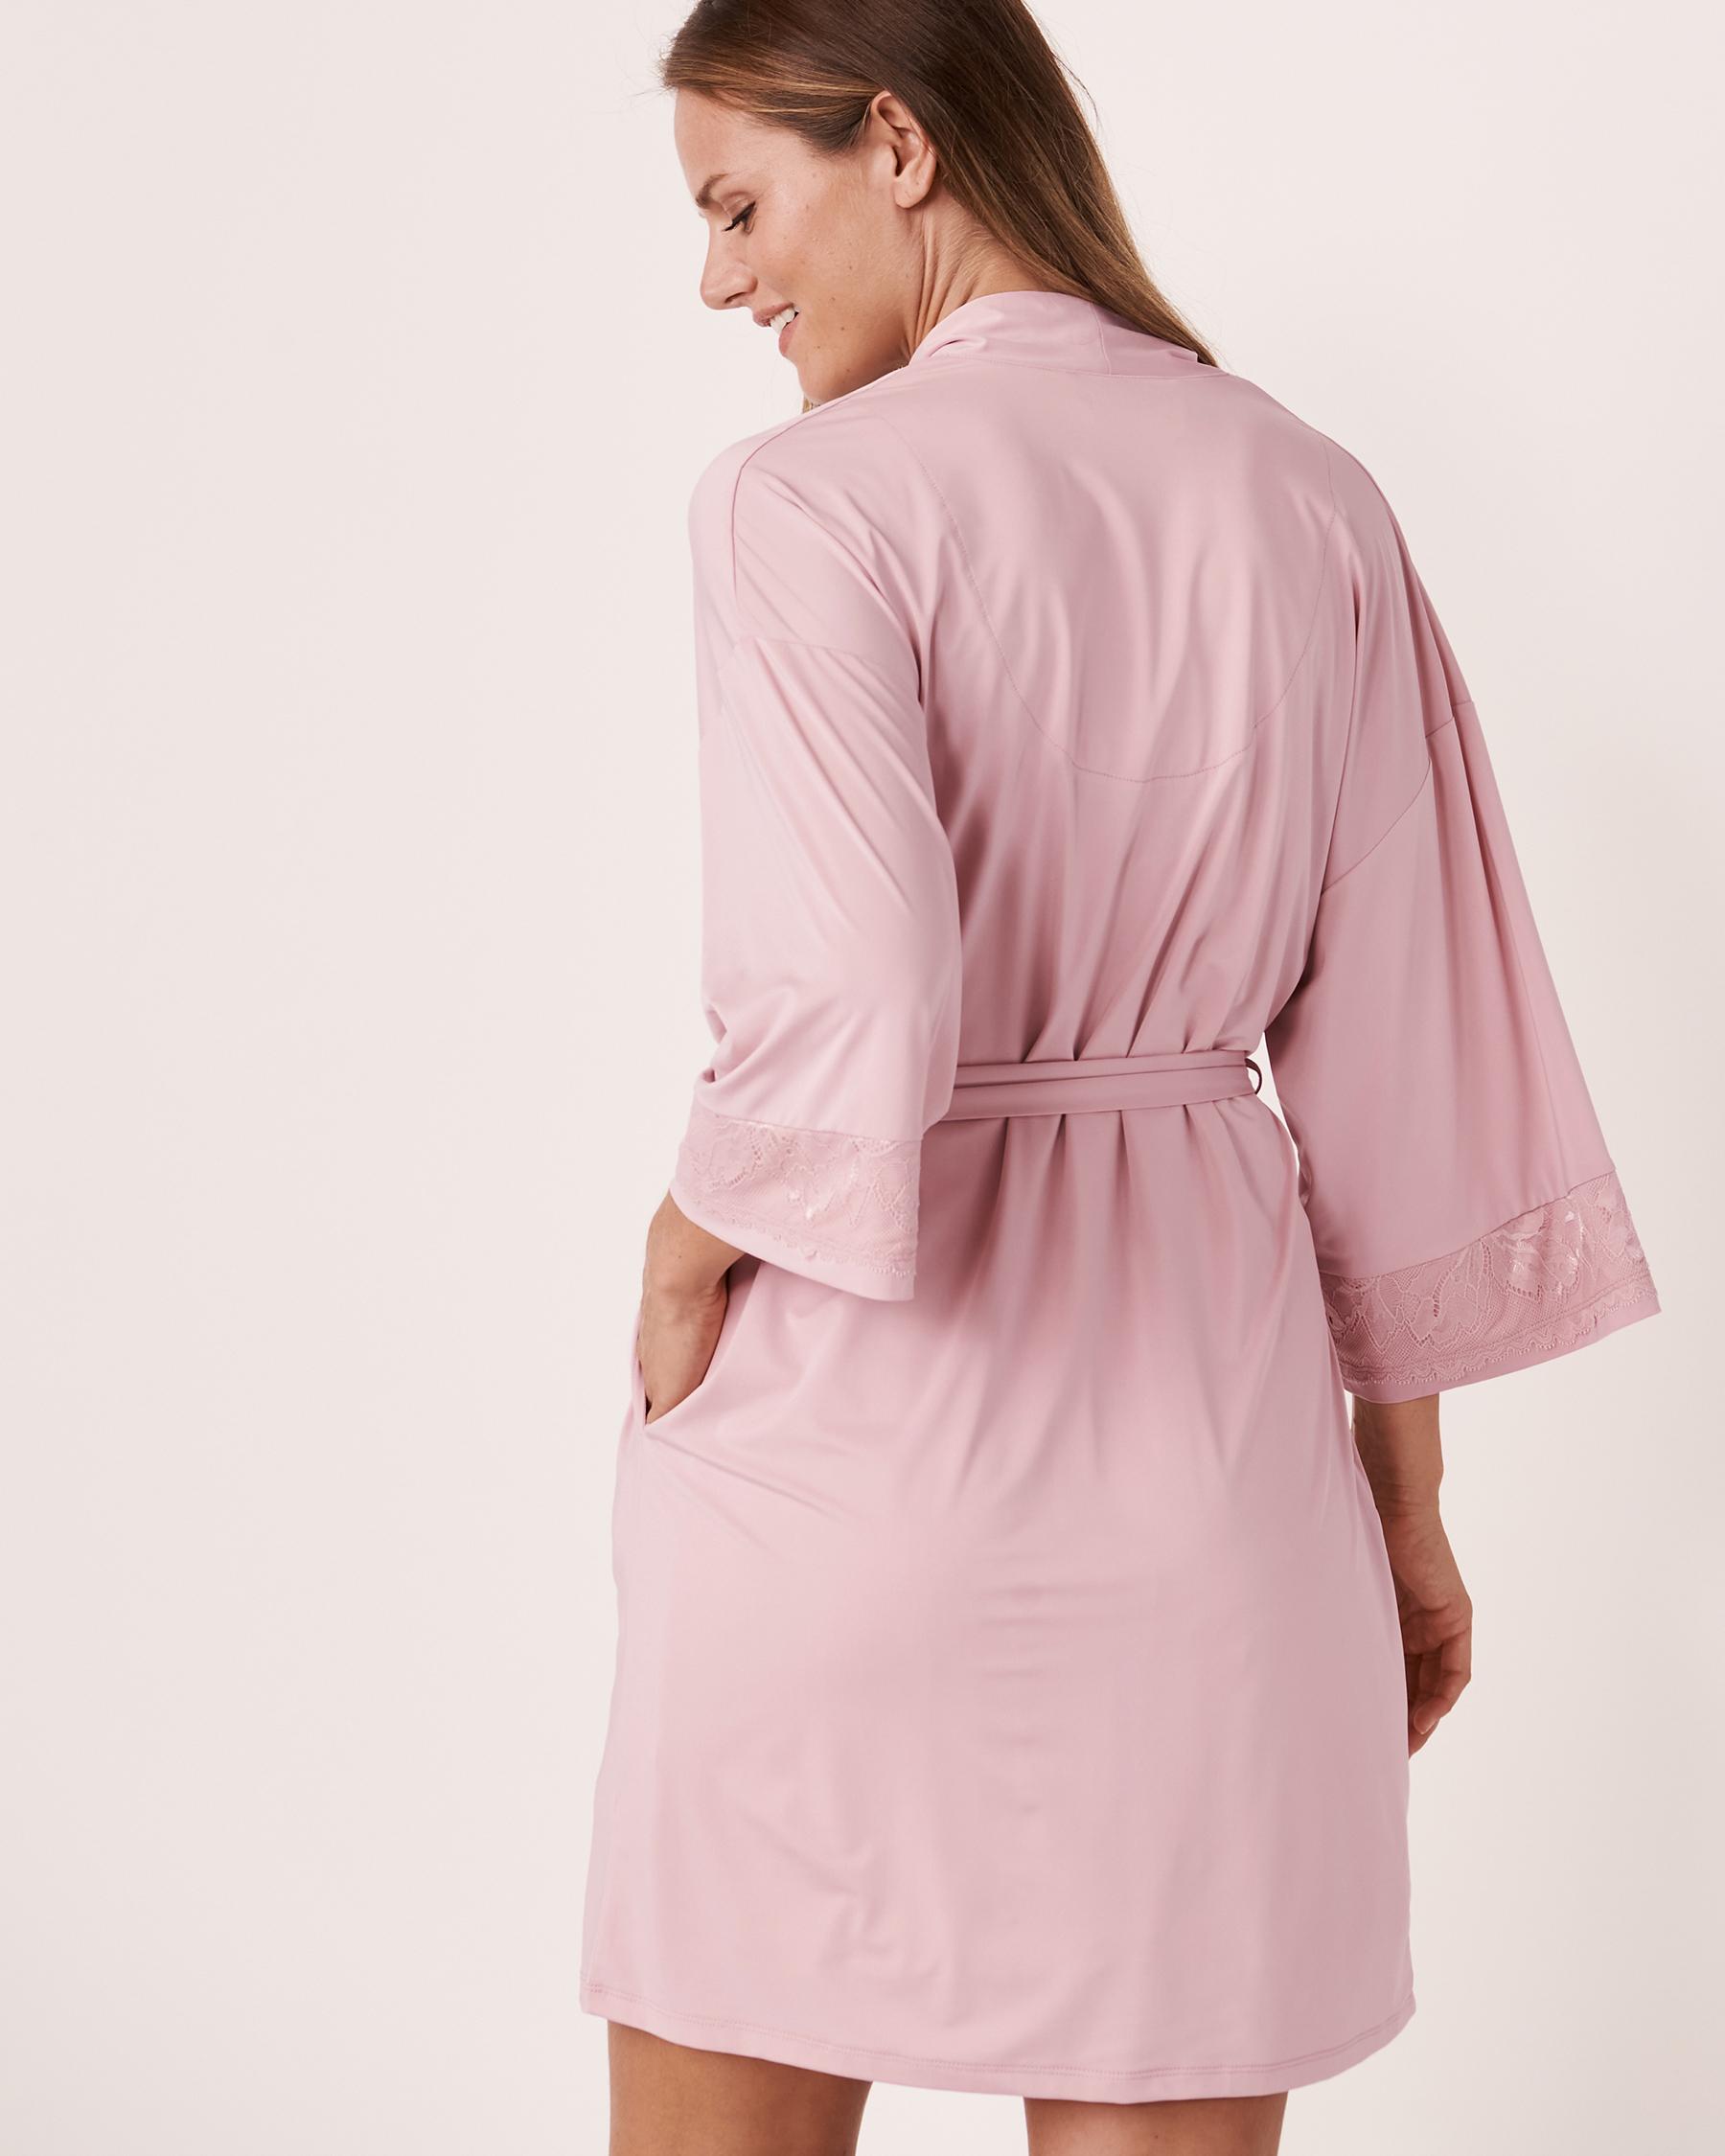 LA VIE EN ROSE Recycled Fibers Lace Trim Kimono Lilac 60600008 - View2